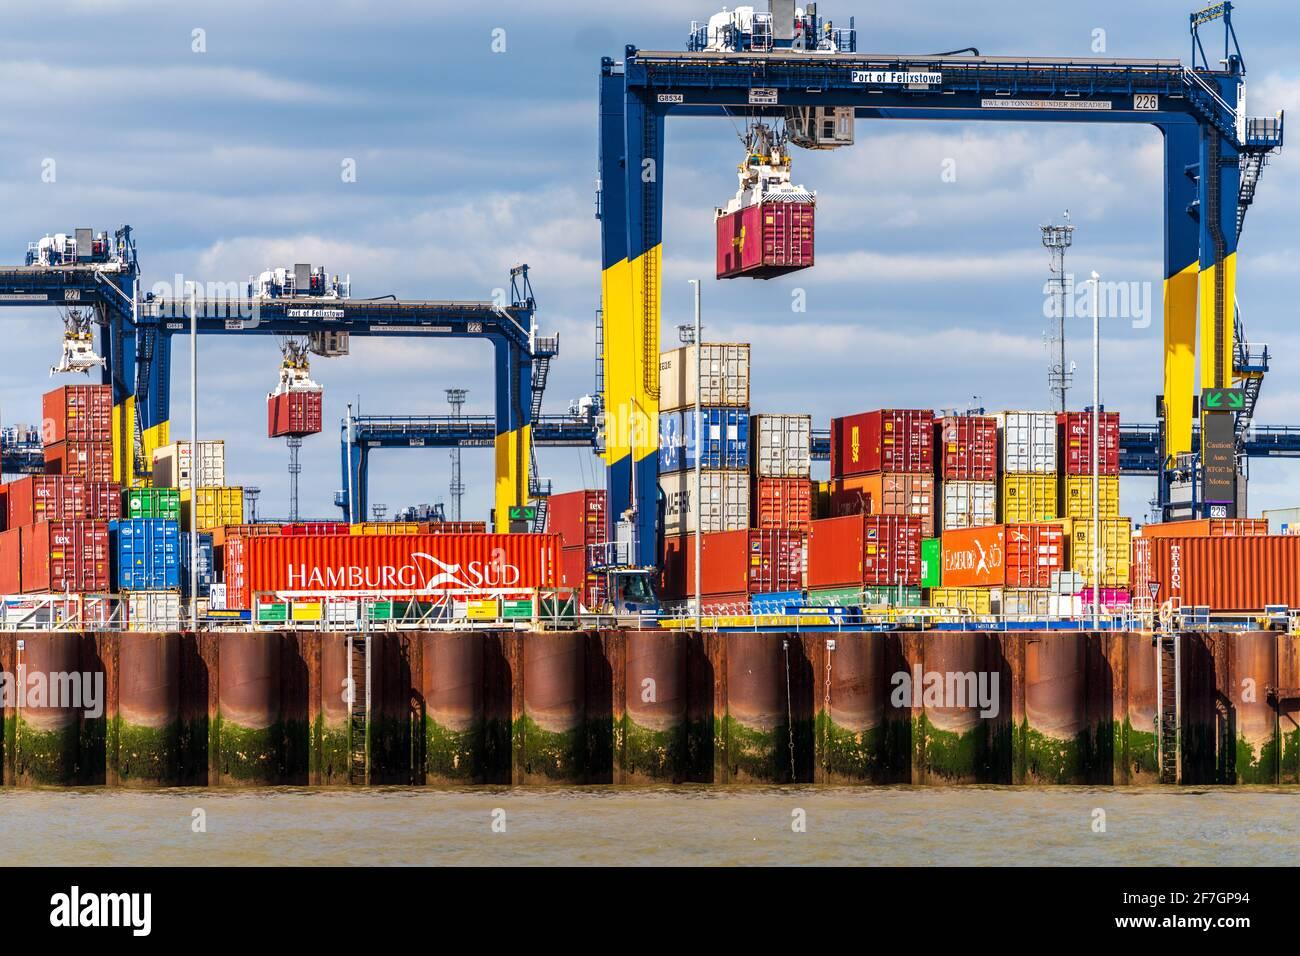 Comercio de contenedores del Reino Unido - Puerto de contenedores del Reino Unido - Contenedores de transporte que se almacenan en el Puerto Felixstowe, el puerto de contenedores más grande del Reino Unido Foto de stock